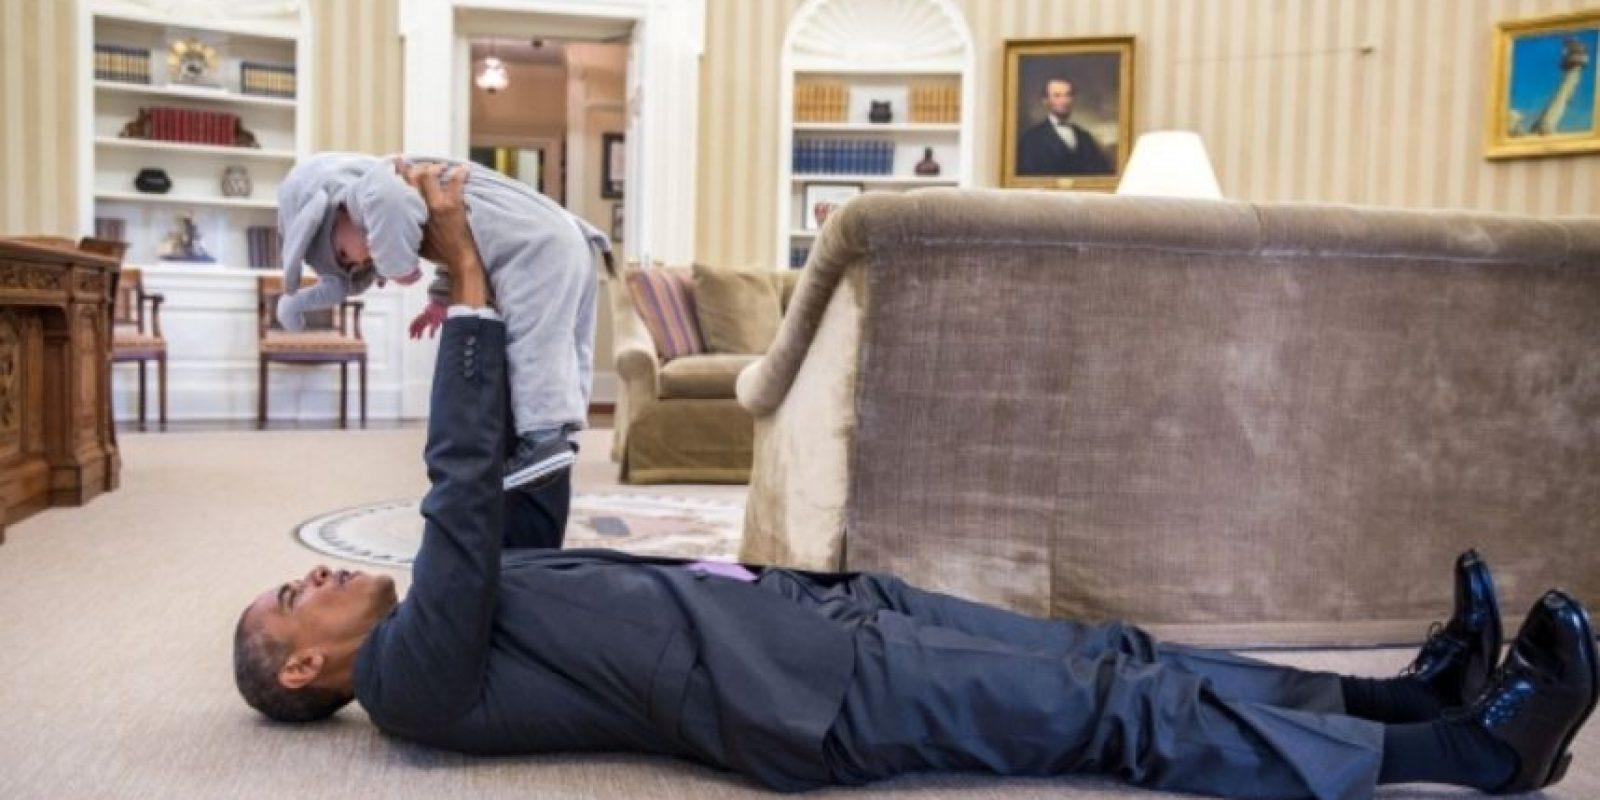 Tiernos momentos de Barack Obama y pequeños Foto: Vía whitehouse.gov/photos. Imagen Por: